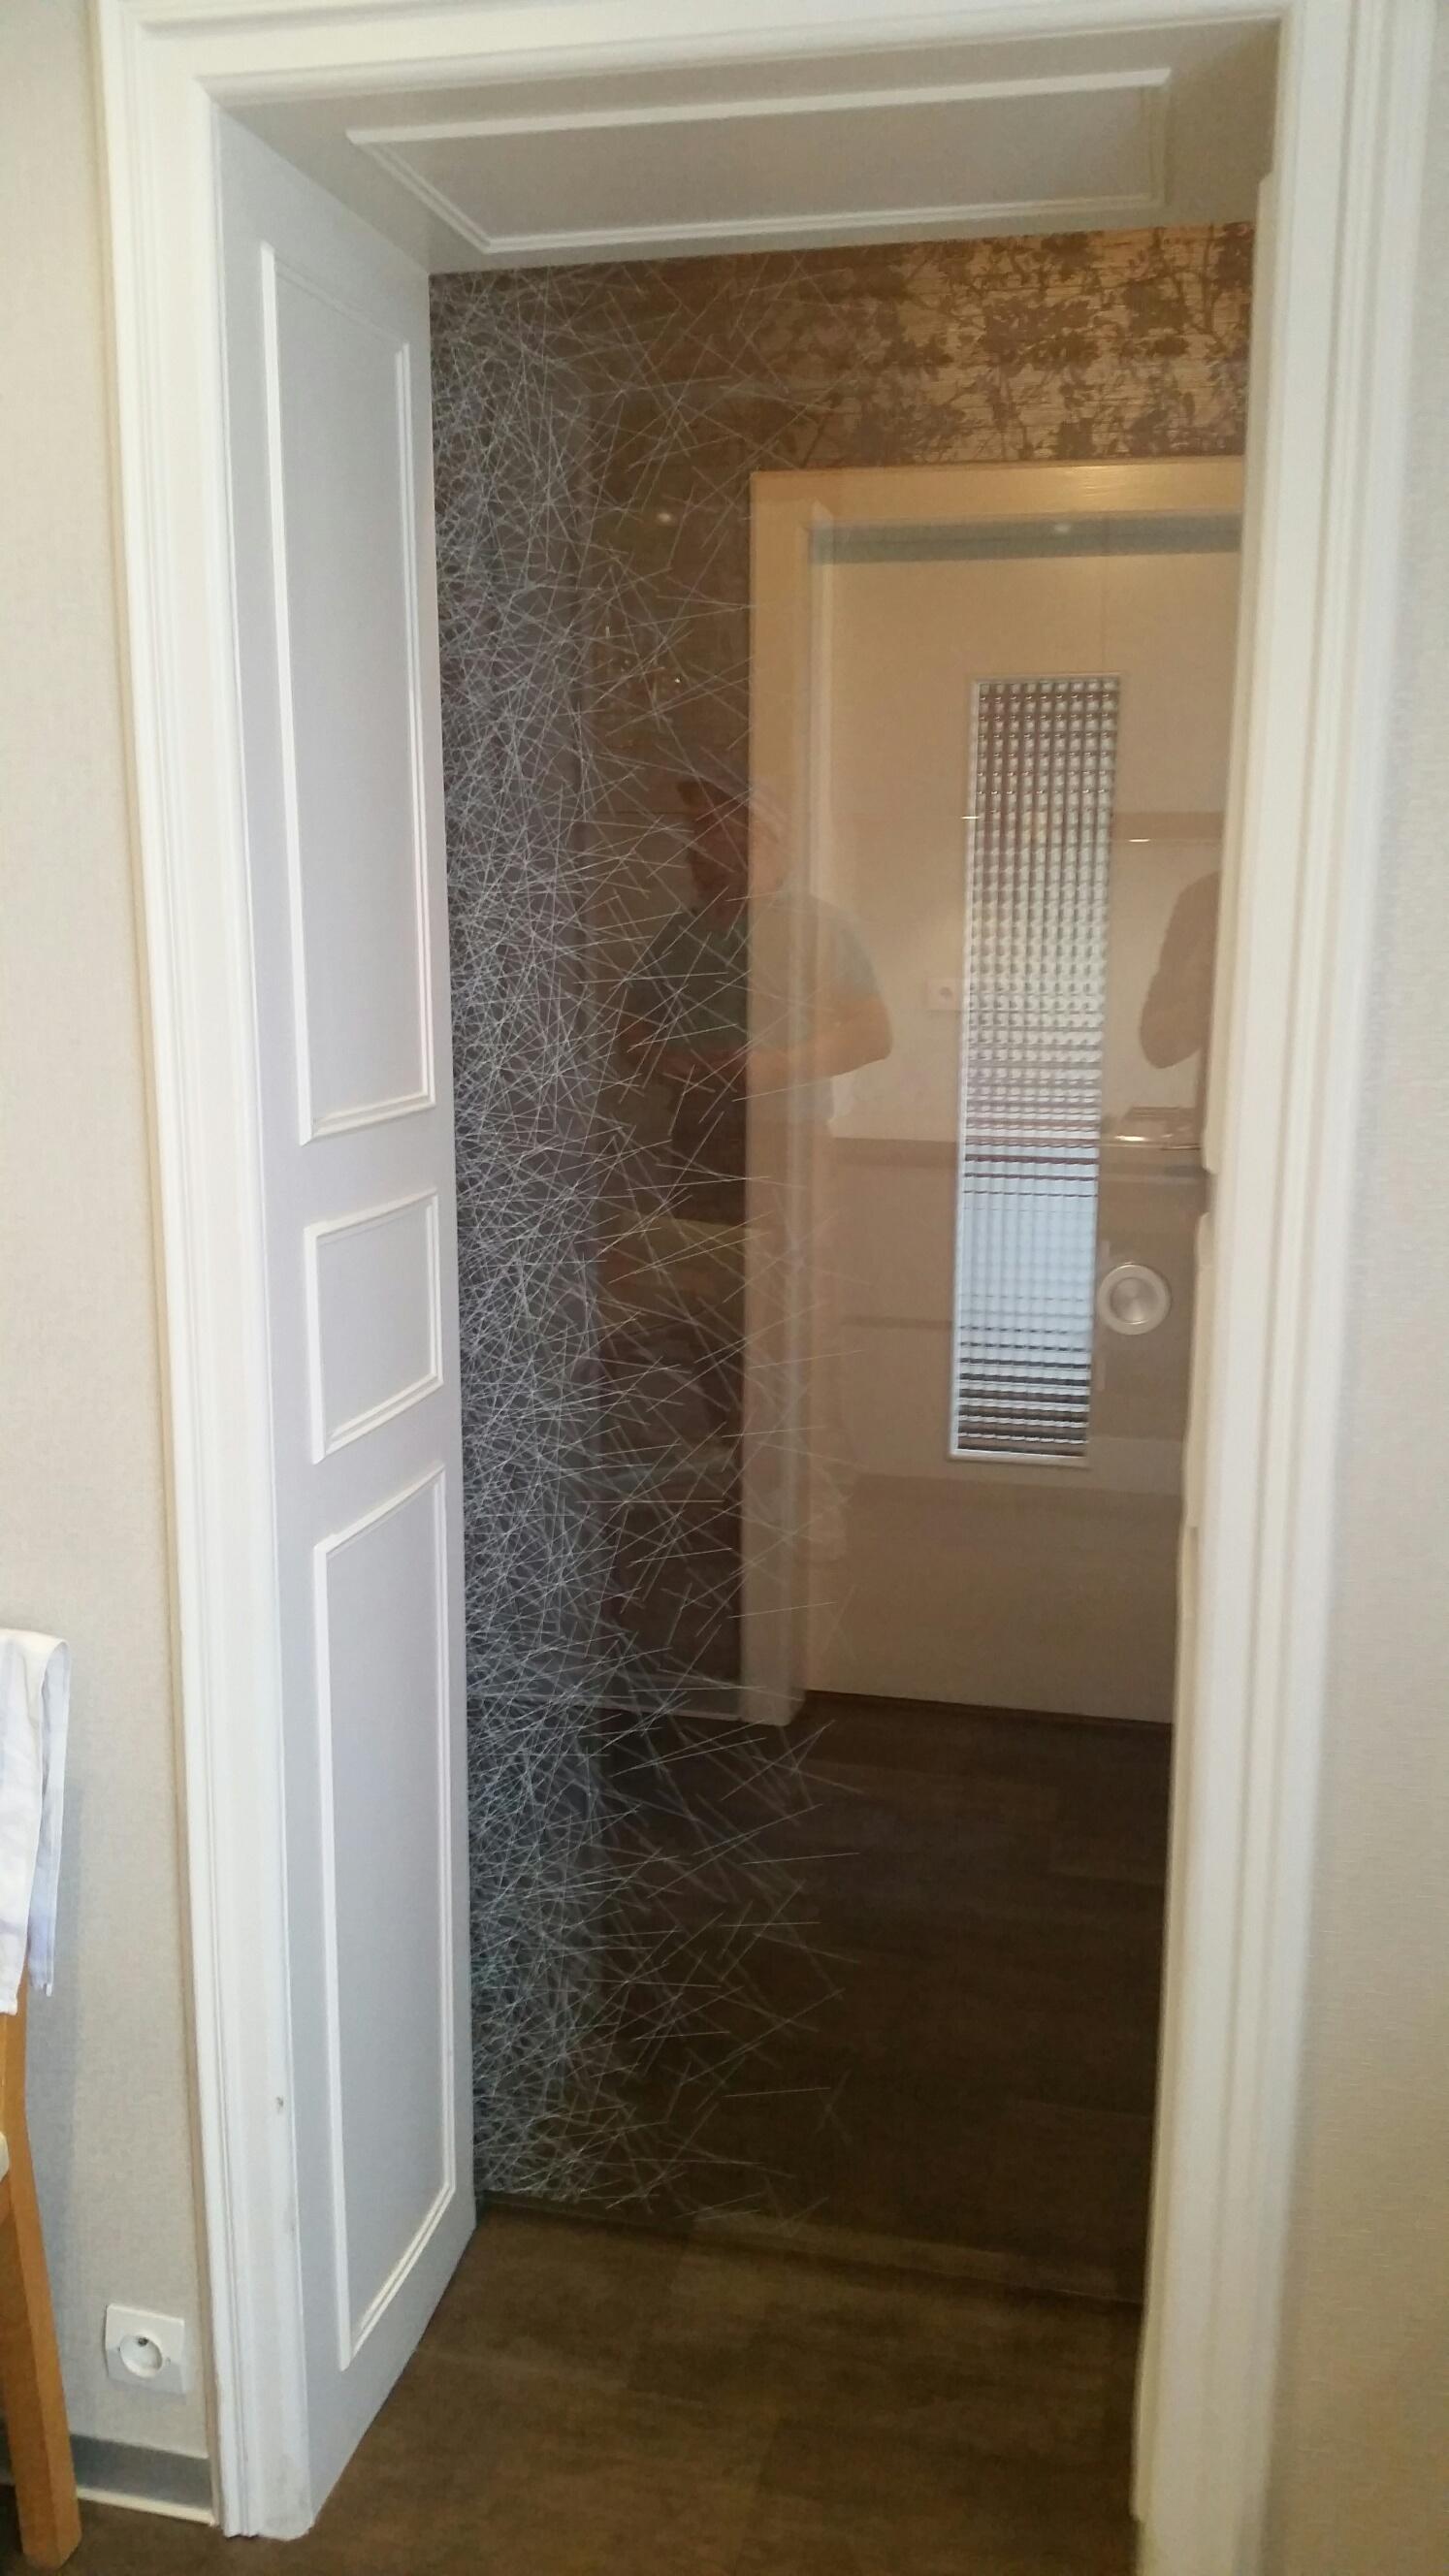 R alisation portes js verre decor for Plaque decorative porte